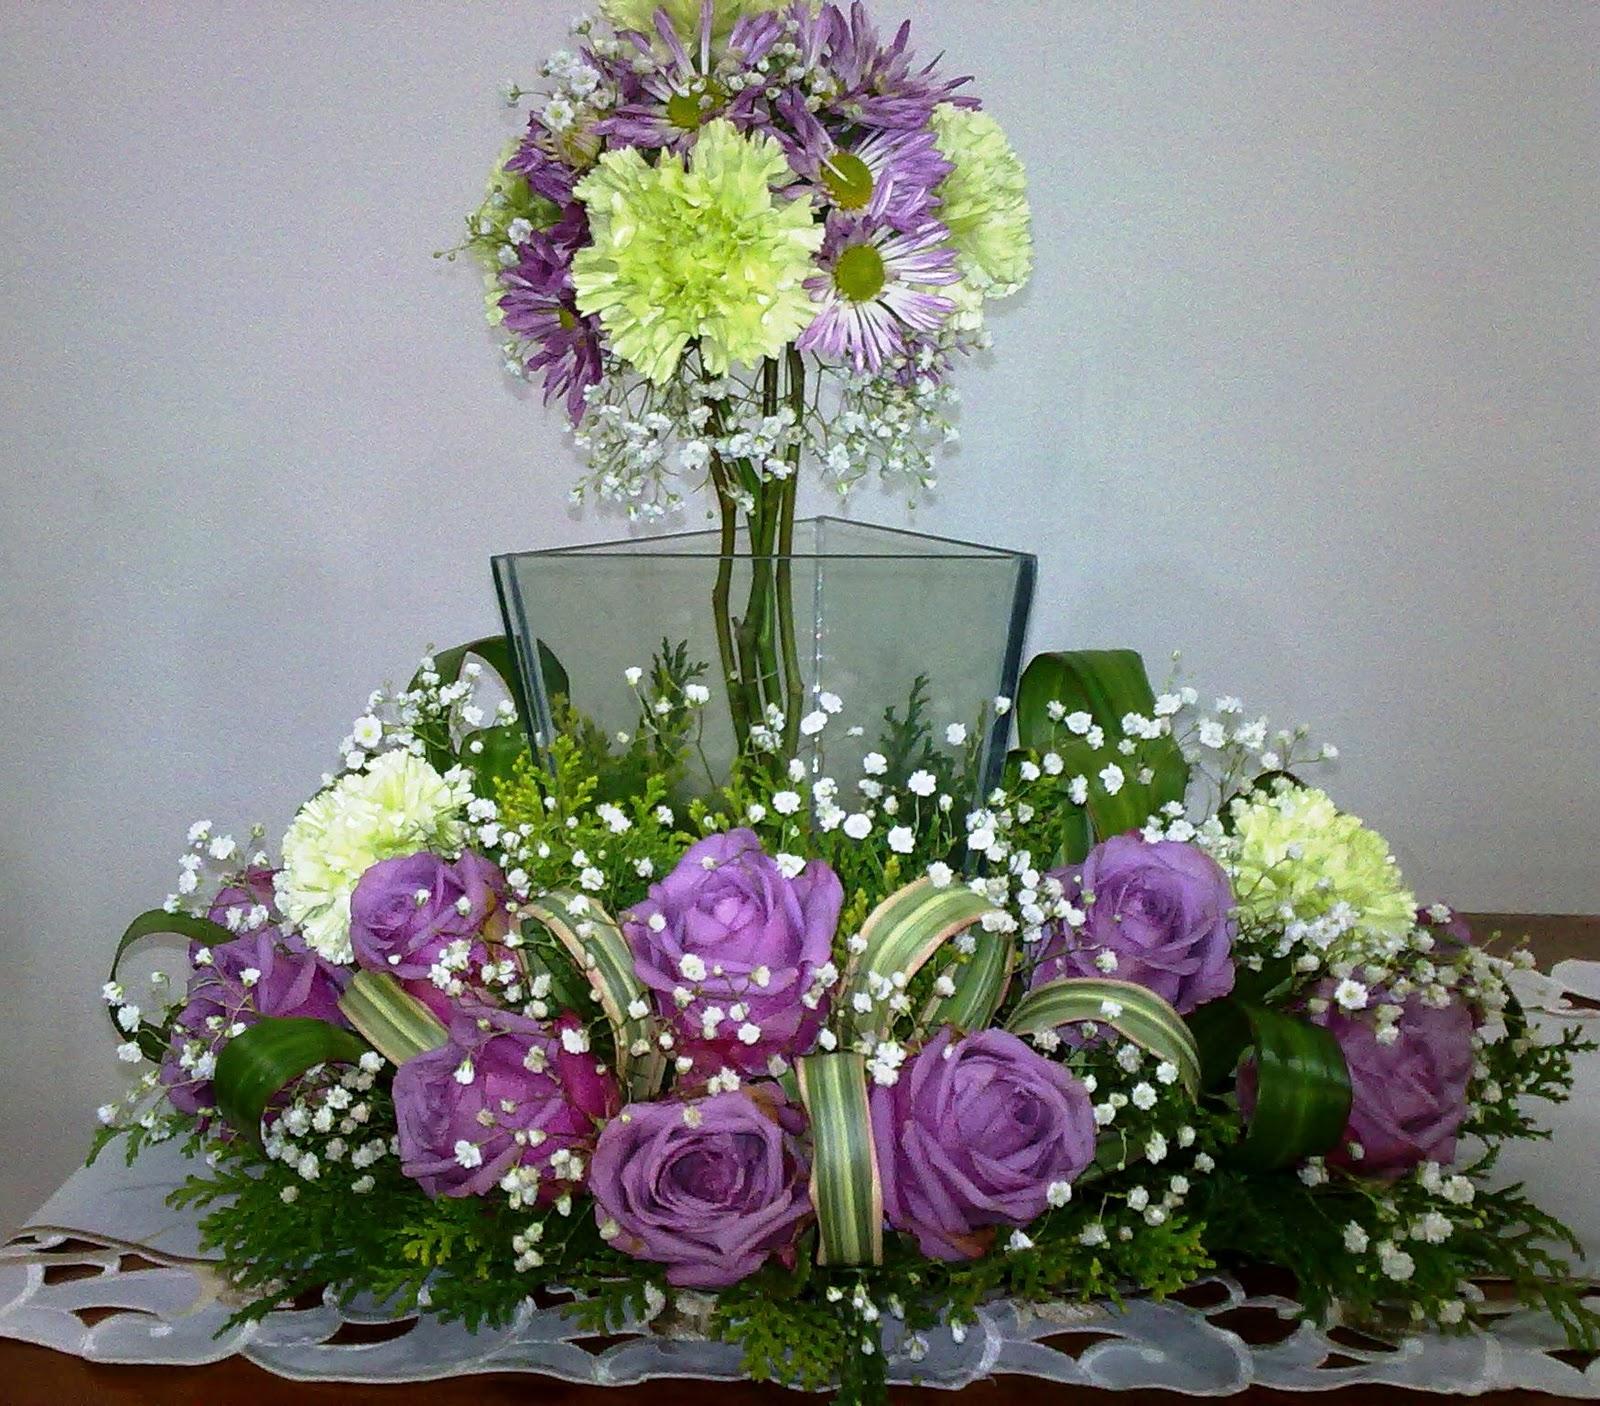 flores jardim camburi:irmã Jackeline, do Balneário de Guriri, São Mateus – ES, enviou